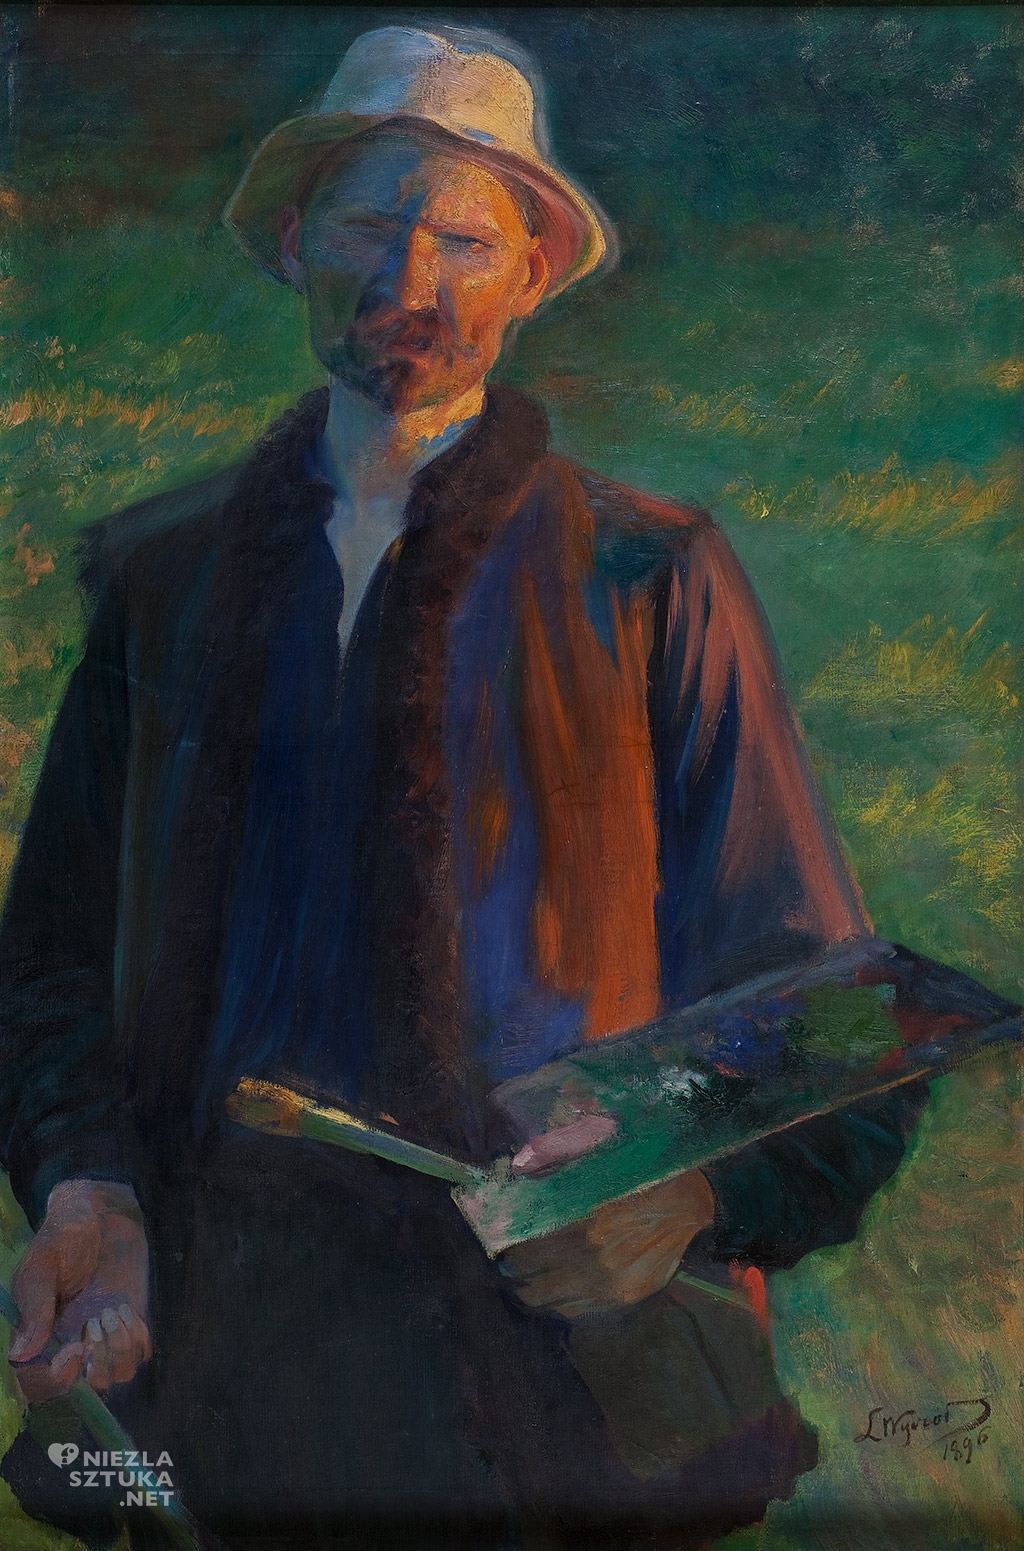 Leon Wyczółkowski, Autoportret z paletą, Muzeum Pałac Herbsta, Niezła sztuka